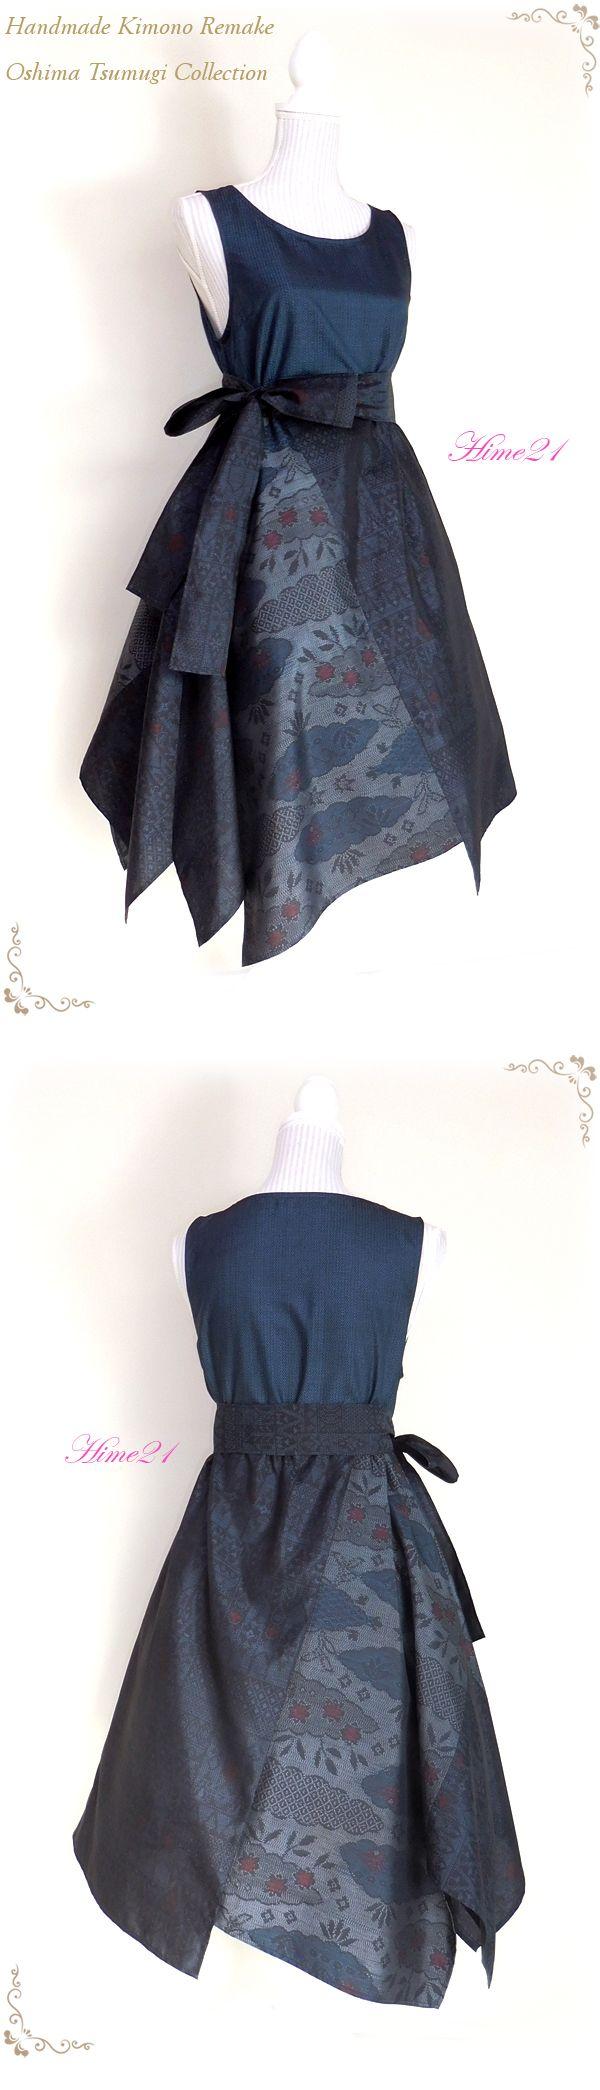 e3919fe538ac0 大島紬などの着物をリメイクして服を作っている個人サイトです。 すべて1点ものの手作り。アナタだけの1着が見つかりますように。